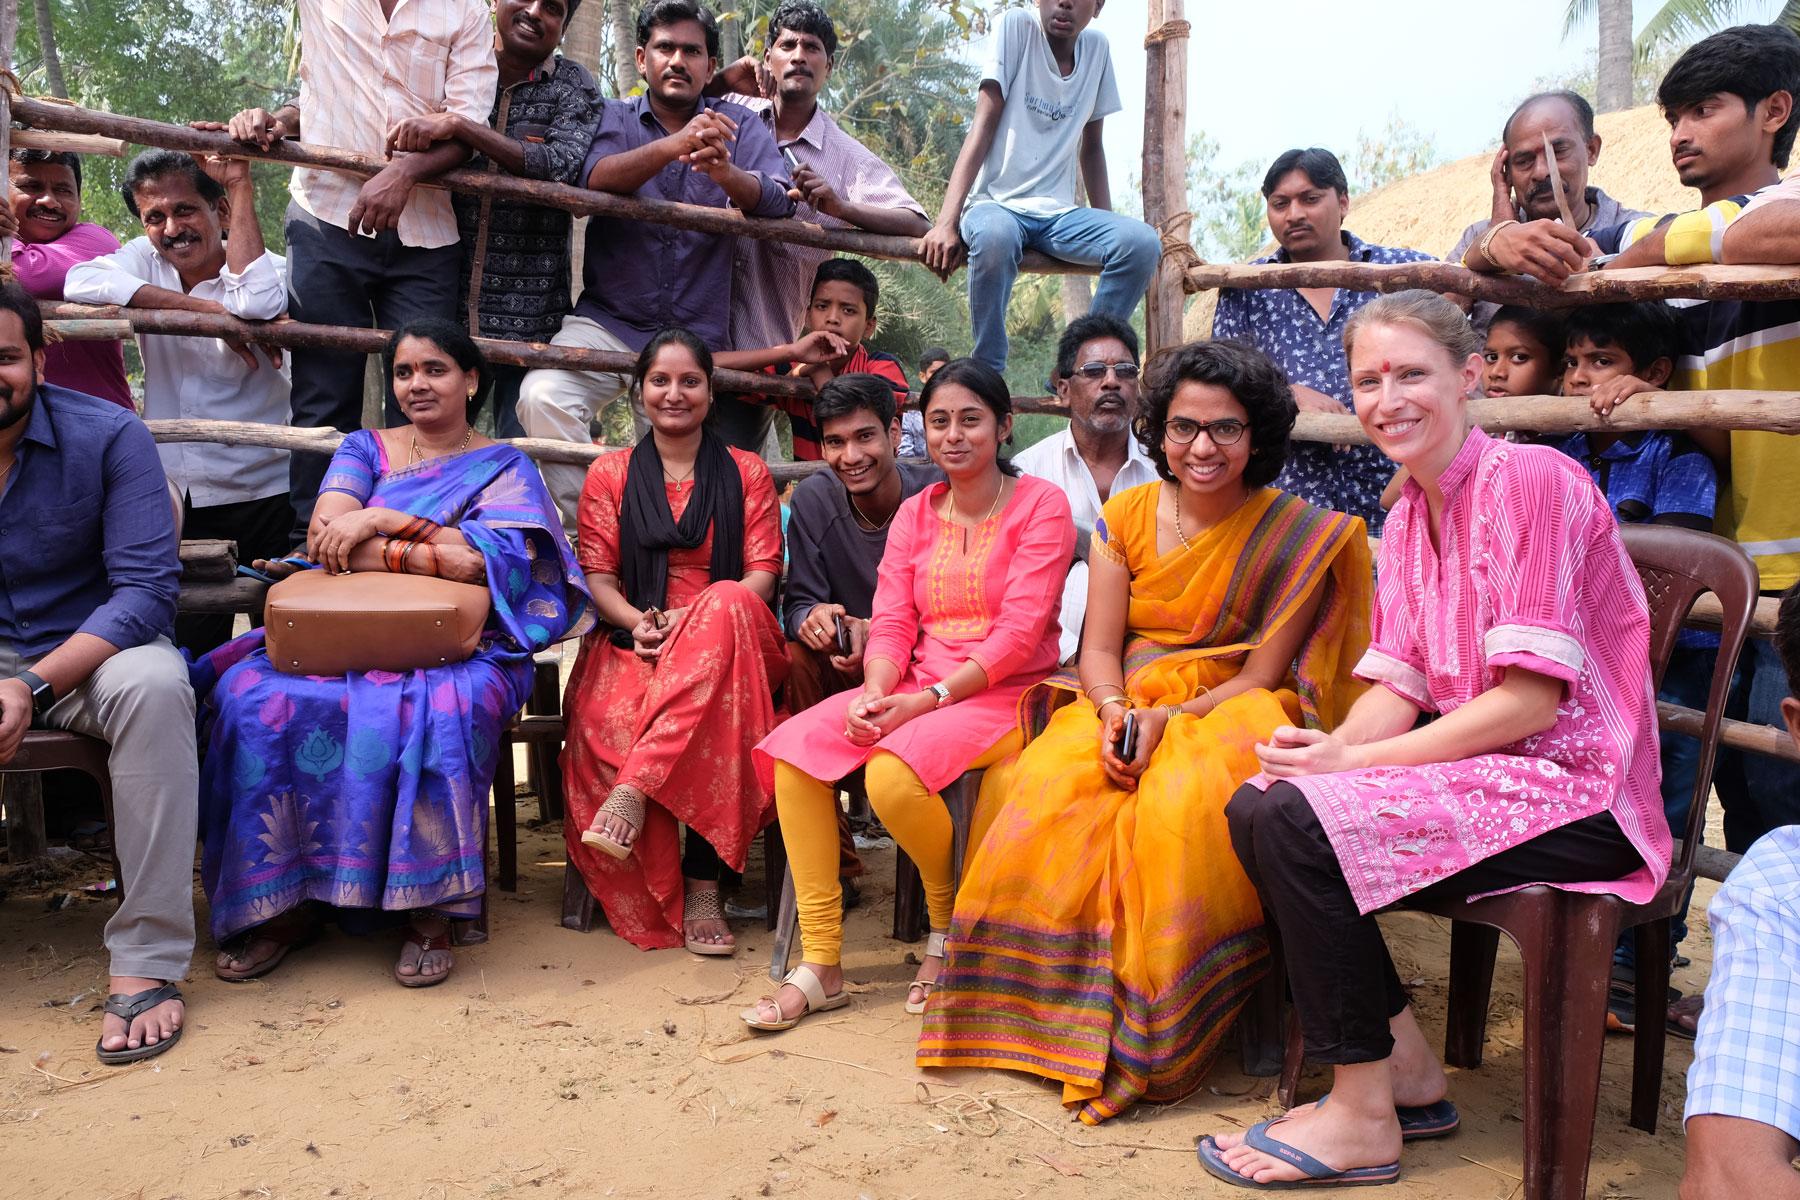 Leo sitzt neben indischen Frauen in einer Arena für Hahnenkämpfe.